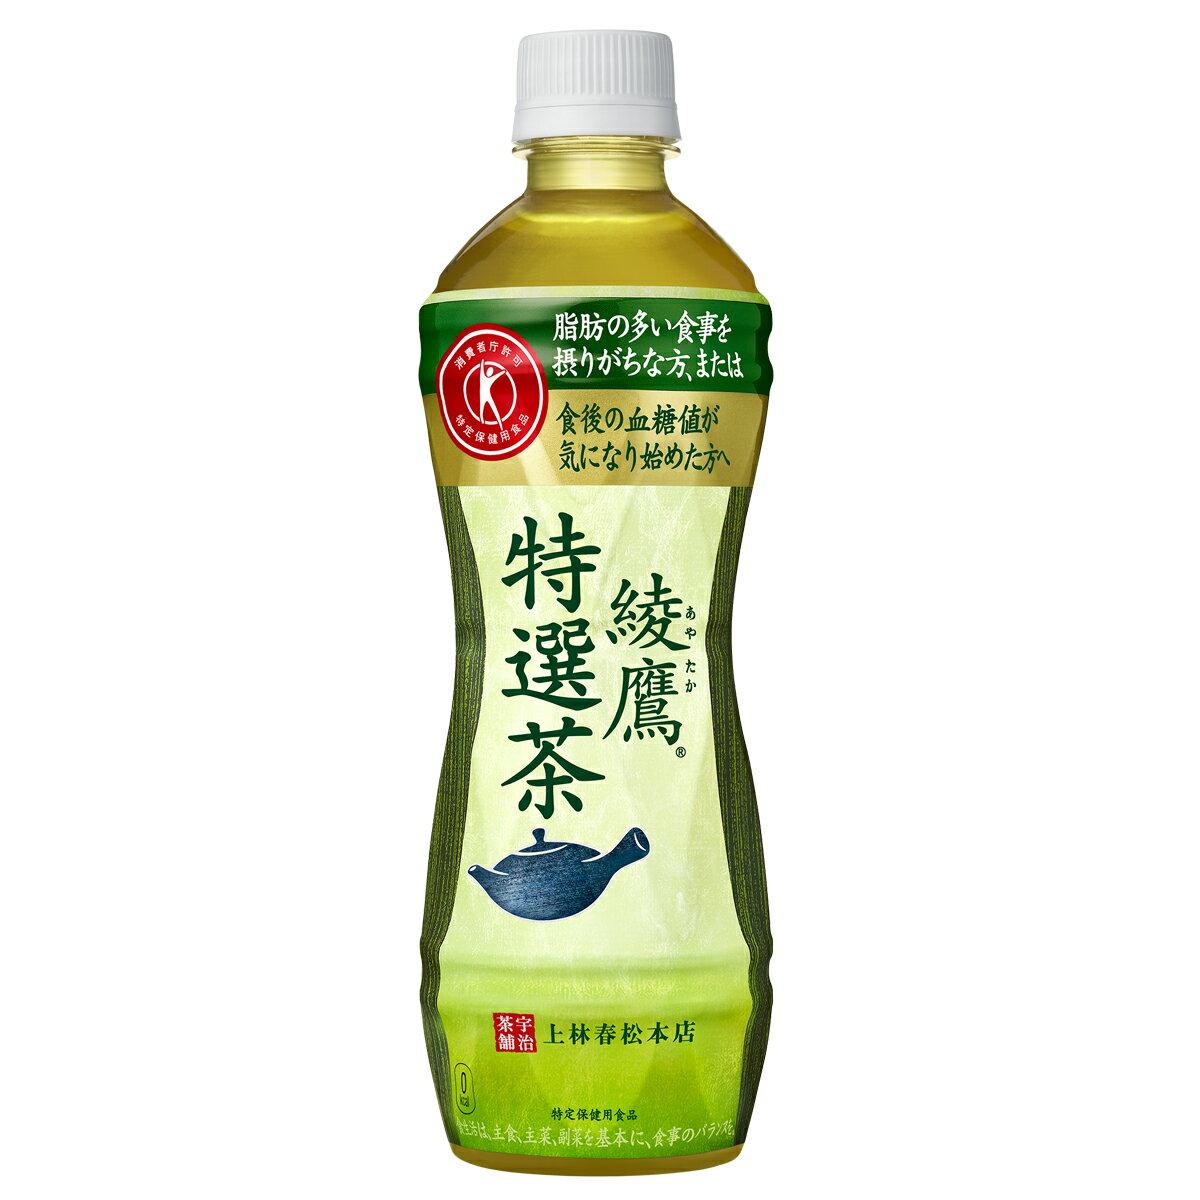 【1ケース】コカ・コーラ 綾鷹 特選茶 PET 500mL 飲料 飲み物 ソフトドリンク ペットボトル 24本×1ケース 買い回り 買い周り 買いまわり ポイント消化